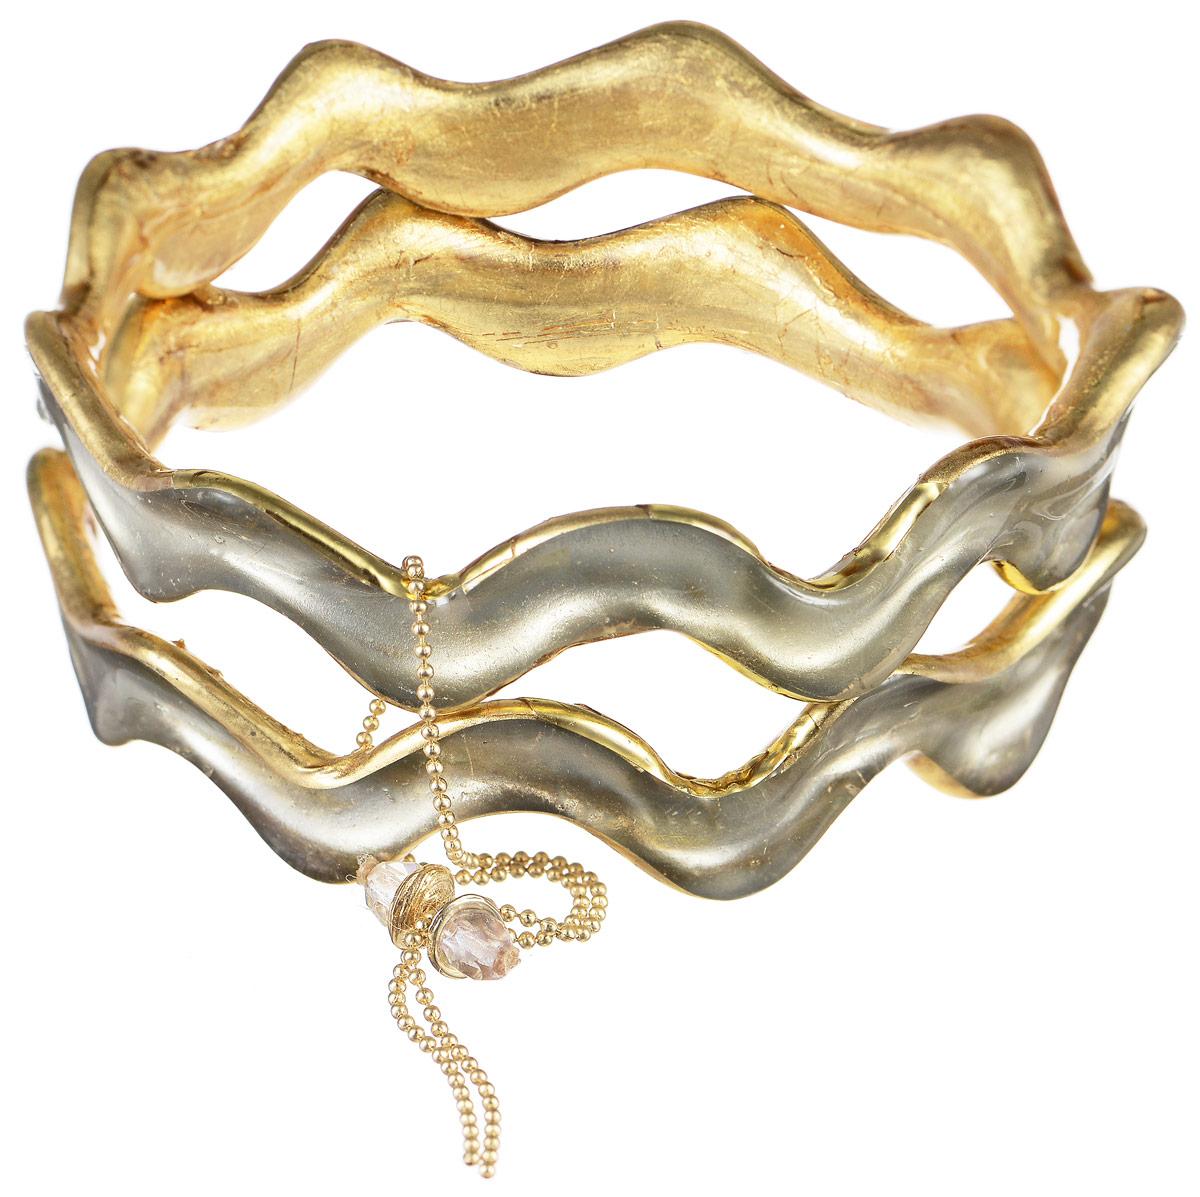 Браслет Lalo Treasures Transcend II, цвет: золотой, серый. Bn2521-1Bn2521-1Яркое комбинированное украшение Lalo Treasures Transcend II включает два оригинальных браслета волнообразной формы, изготовленных из ювелирной смолы. Стильное украшение поможет дополнить любой образ и привнести в него завершающий яркий штрих.